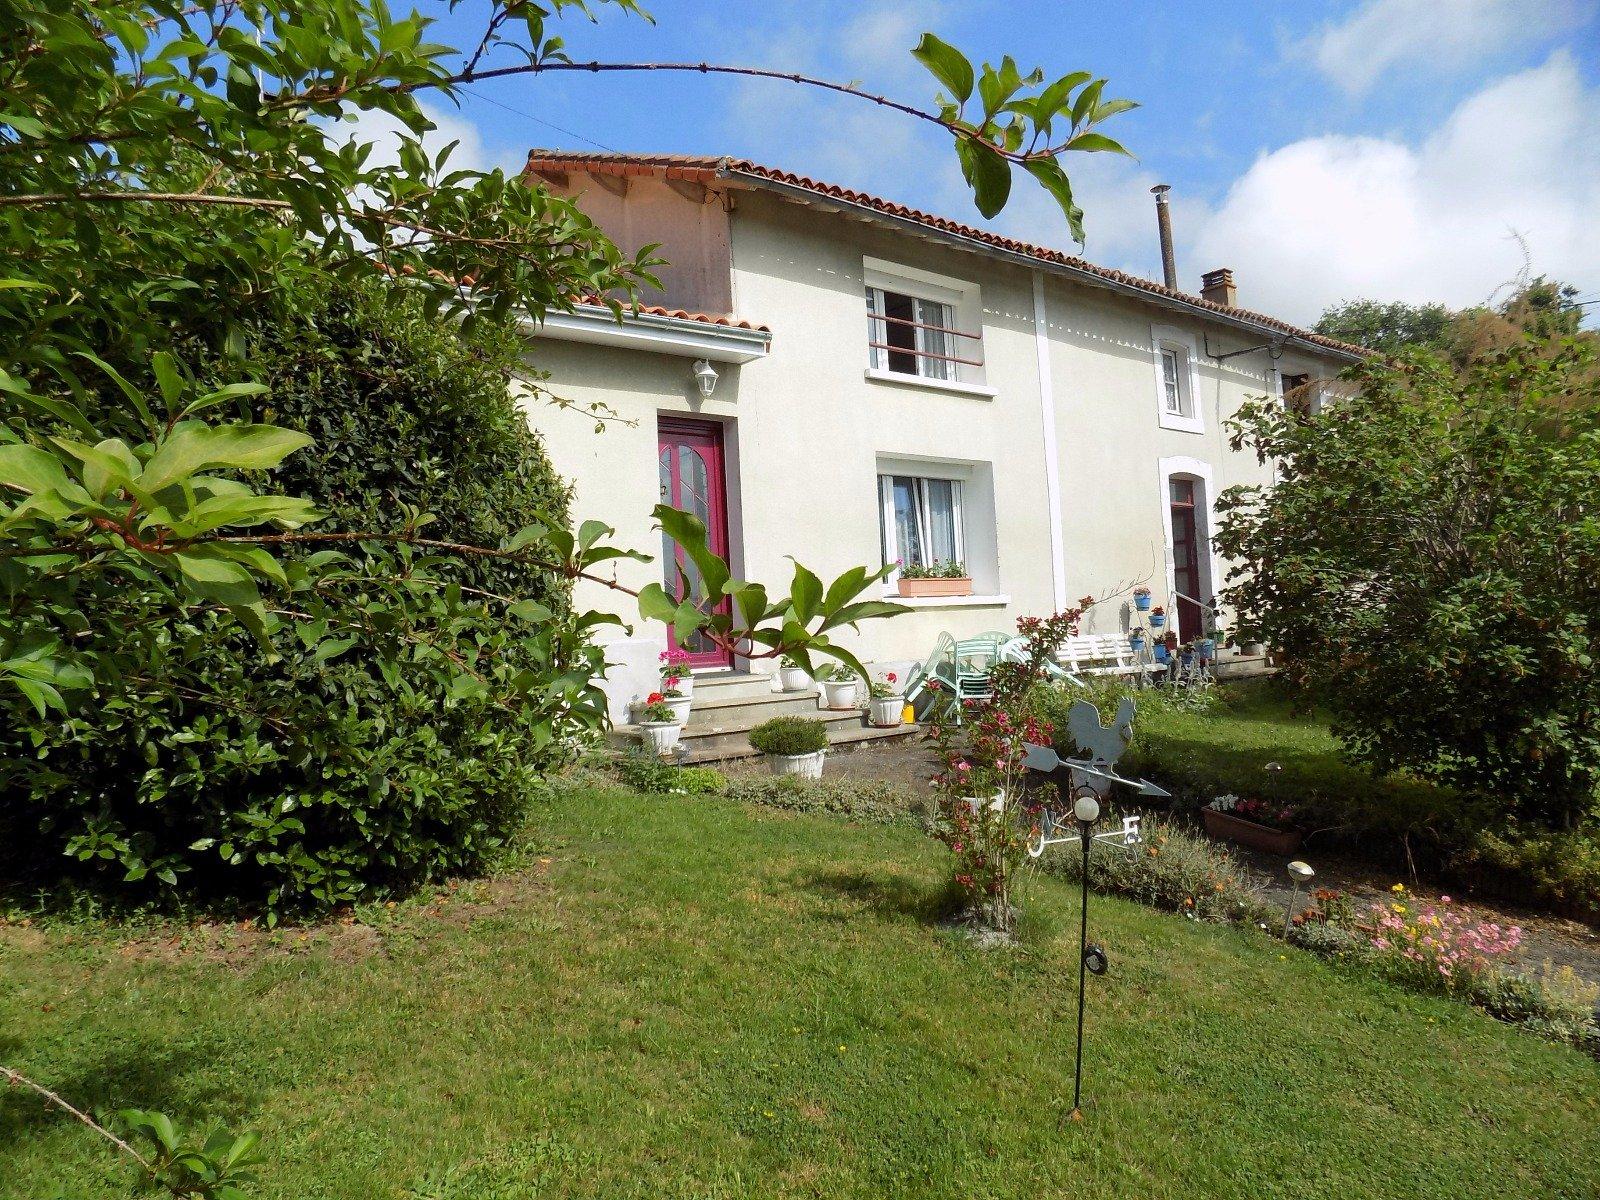 Achat-Vente-Maison-Poitou-Charentes-DEUX SEVRES-Verruyes